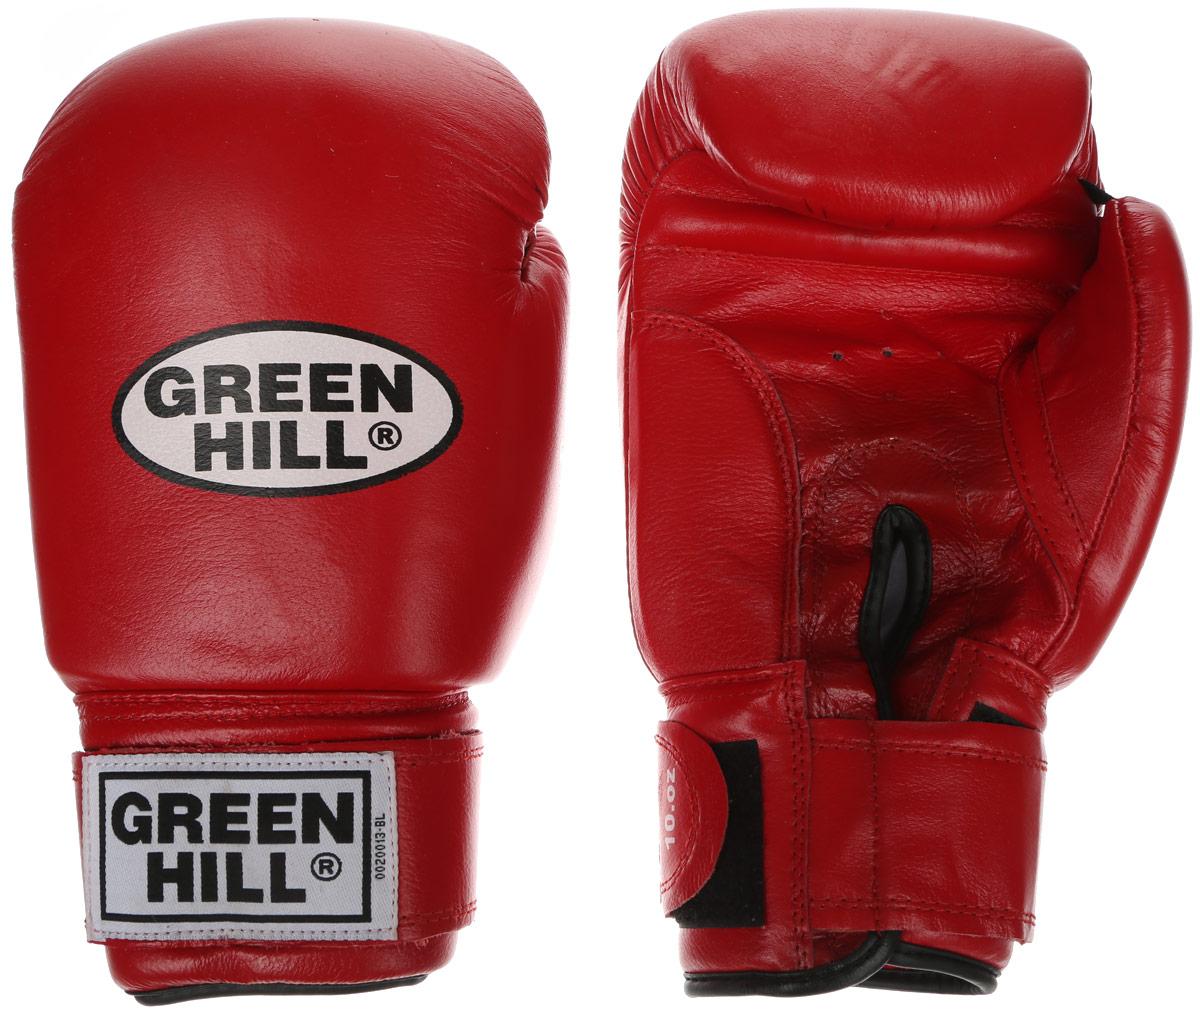 Перчатки боксерские Green Hill Tiger, цвет: красный, белый. Вес 12 унций. BGT-2010сG-2036312Боевые боксерские перчатки Green Hill Tiger применяются как для соревнований, так и для тренировок. Верх выполнен из натуральной кожи, вкладыш - предварительно сформированный пенополиуретан. Манжет на липучке способствует быстрому и удобному надеванию перчаток, плотно фиксирует перчатки на руке. Отверстия в области ладони позволяют создать максимально комфортный терморежим во время занятий.В перчатках применяется технология антинокаут.